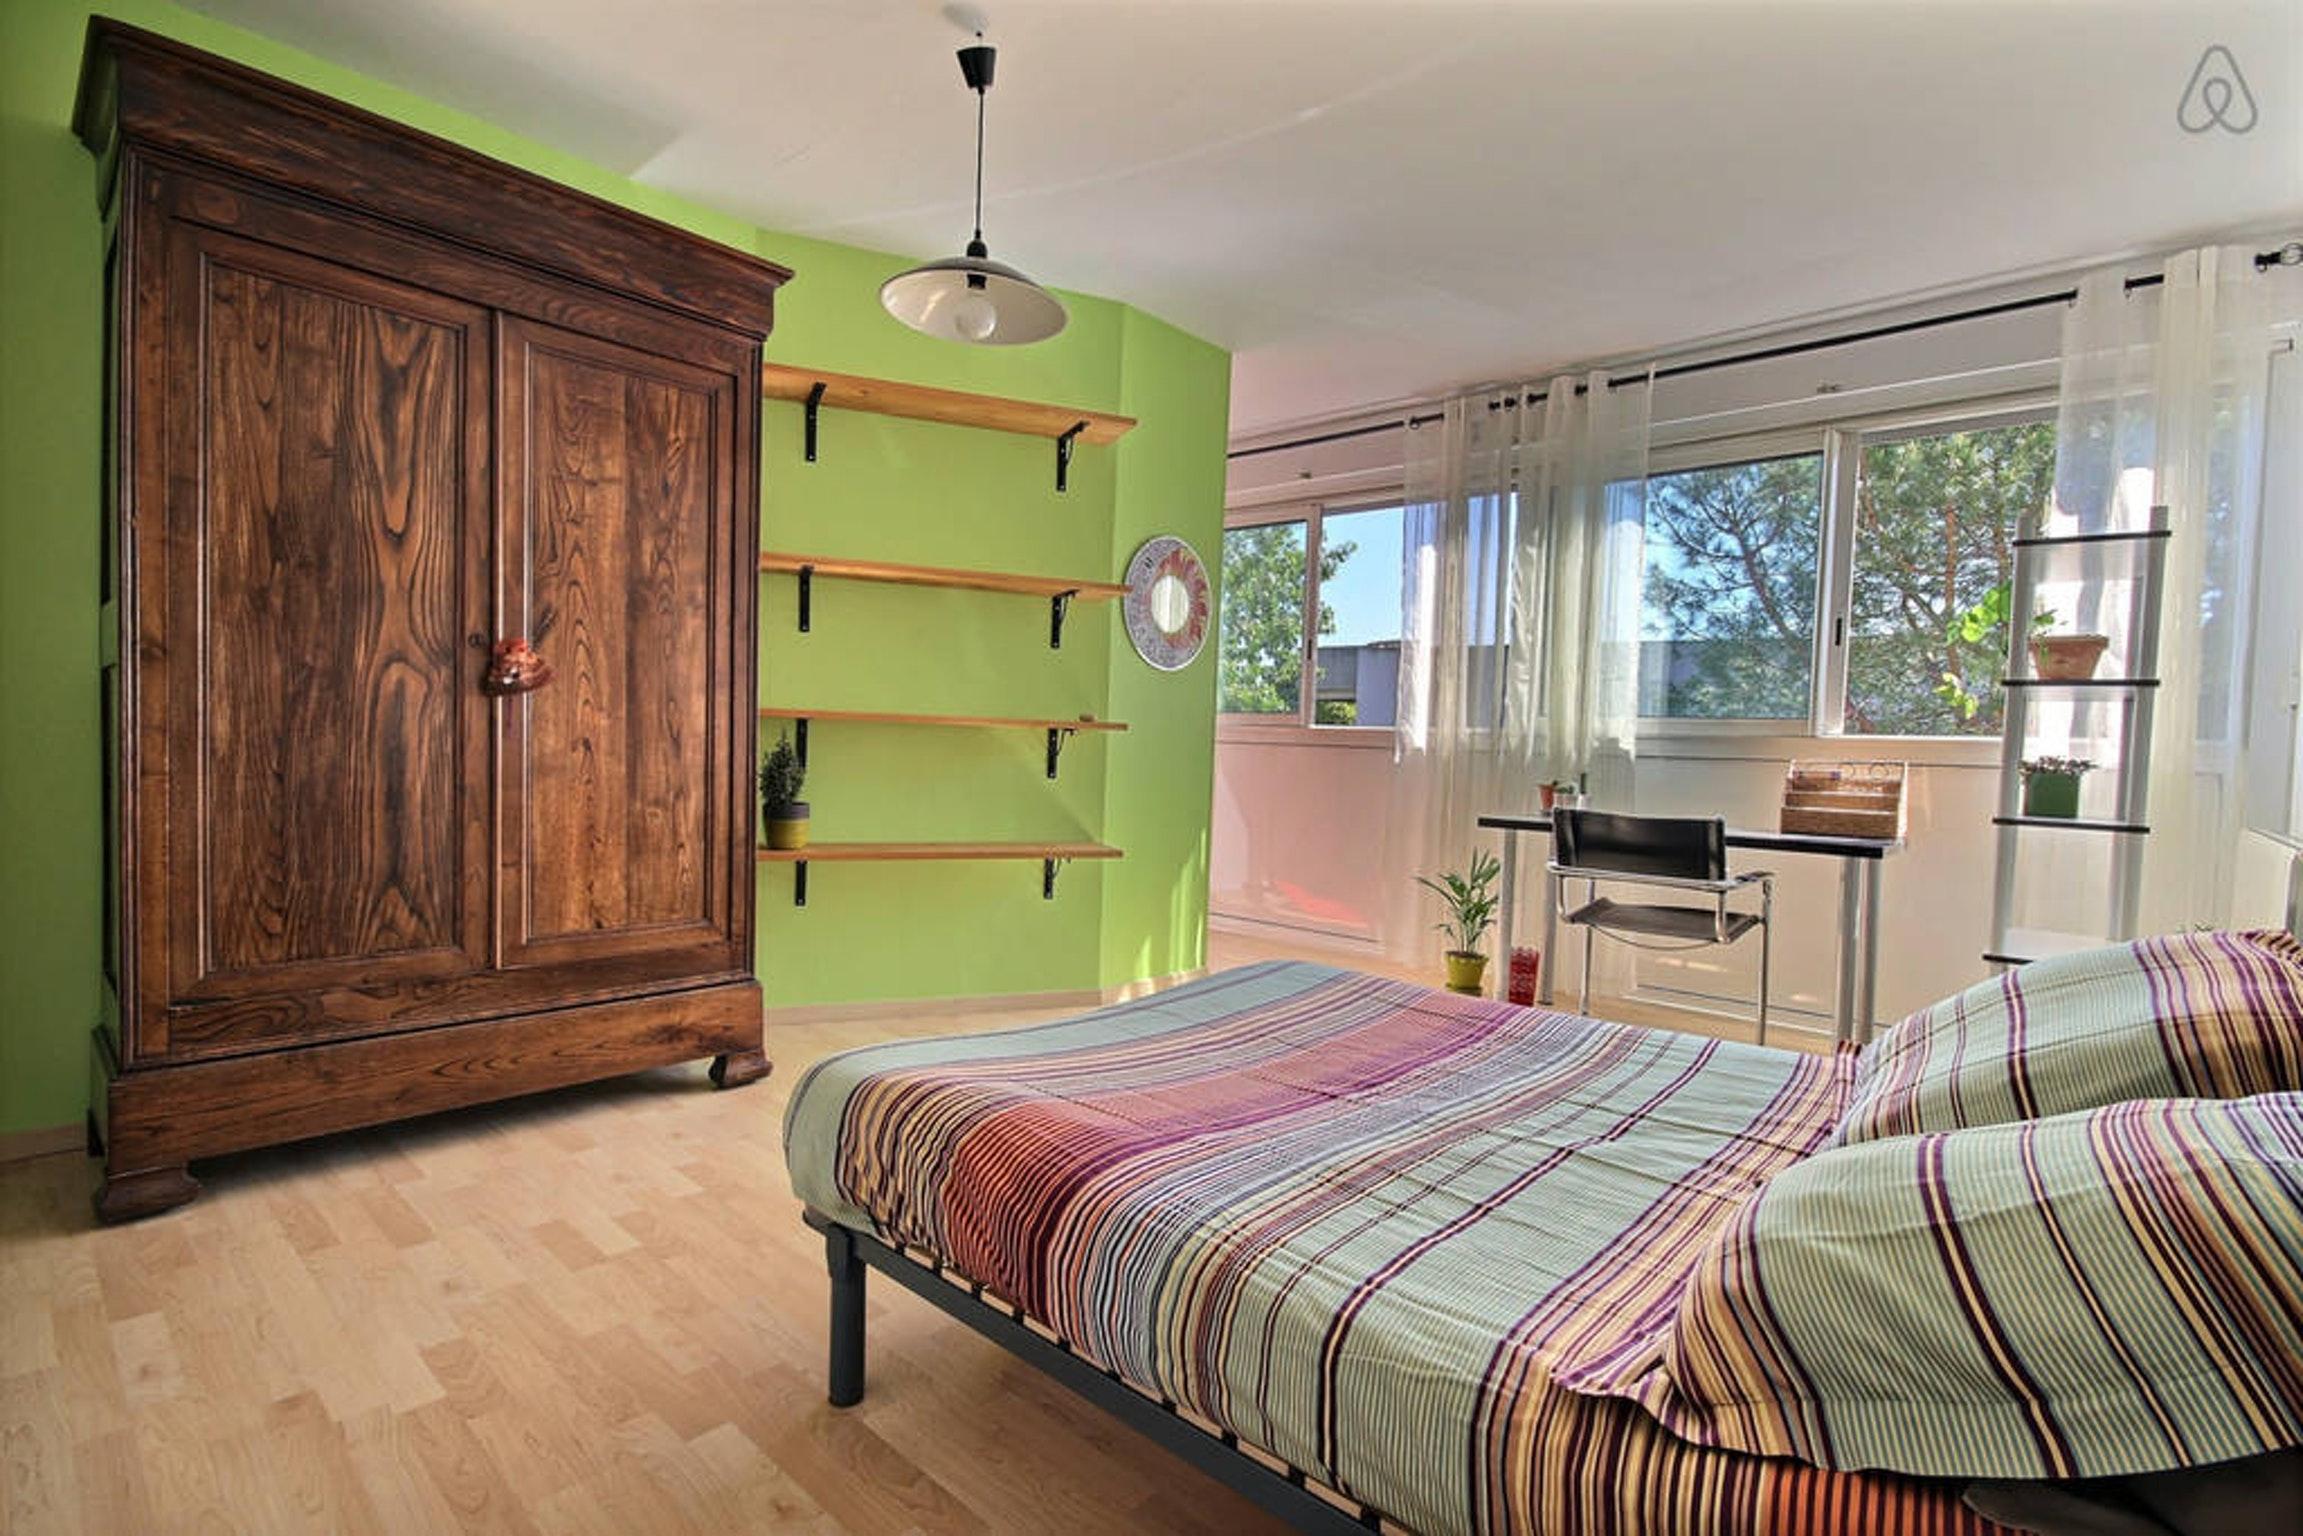 Ferienwohnung Wohnung mit 2 Zimmern in Montpellier mit möblierter Terrasse und W-LAN - 15 km vom Strand  (2351209), Montpellier, Mittelmeerküste Hérault, Languedoc-Roussillon, Frankreich, Bild 8